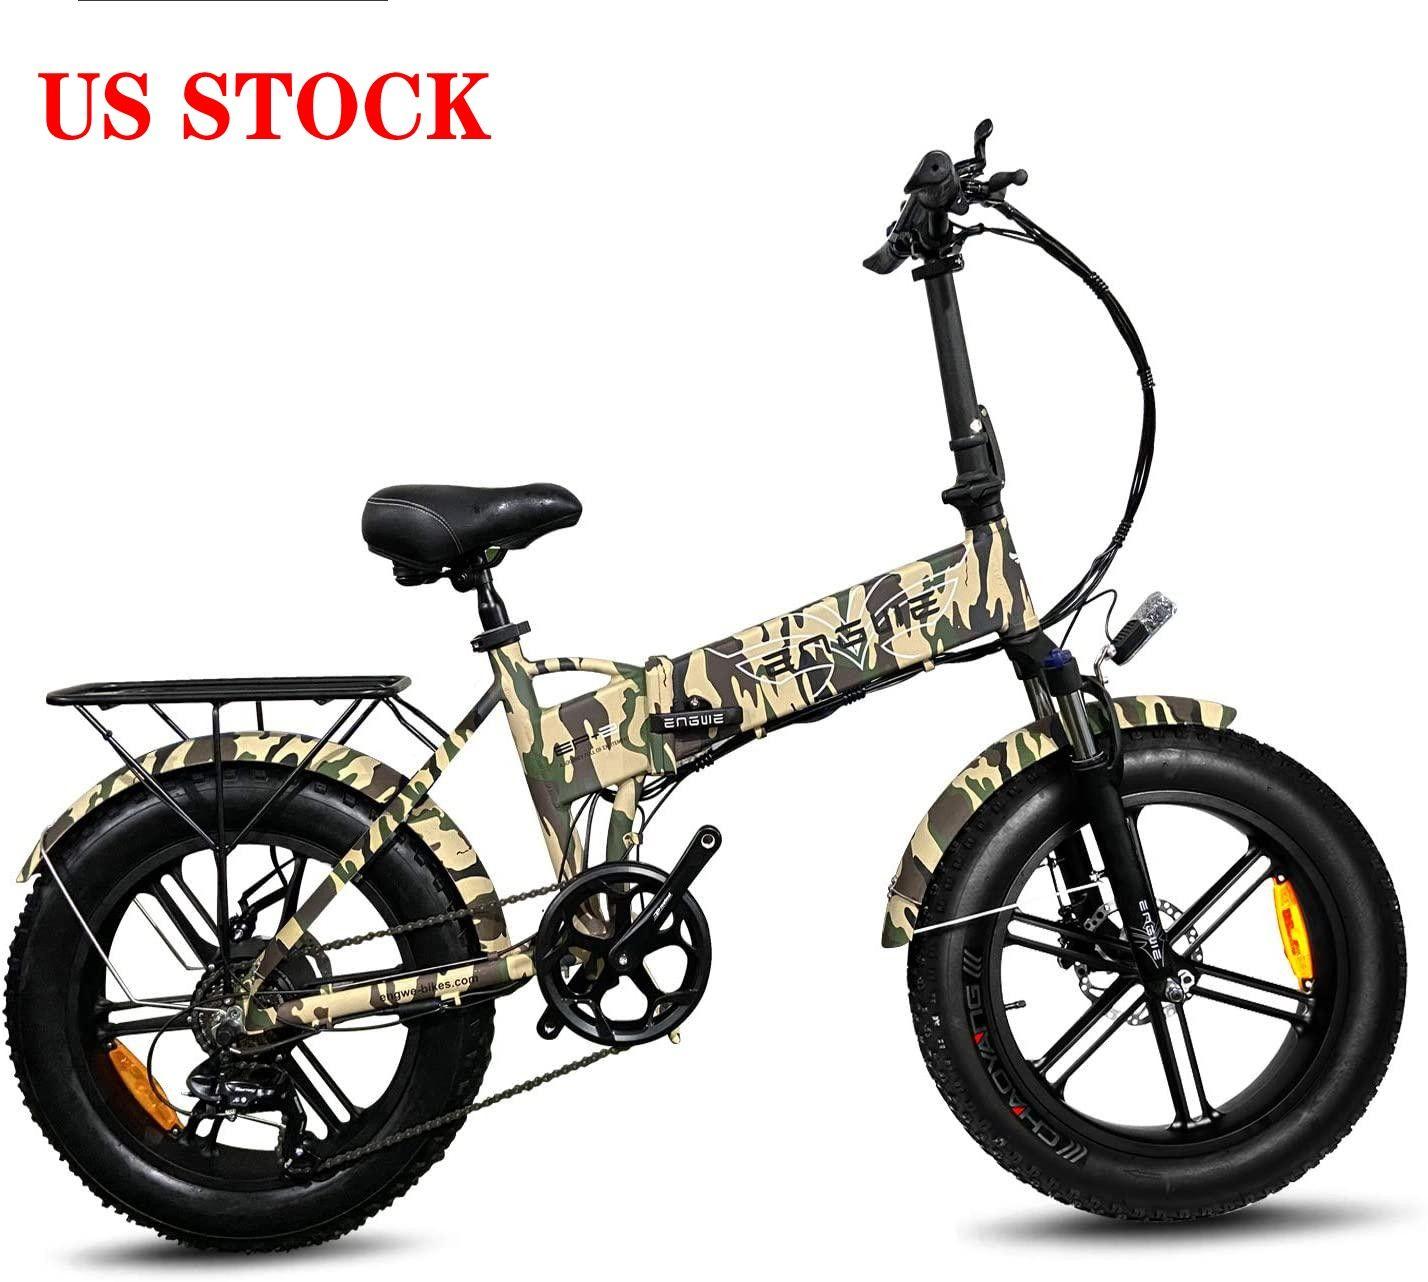 US STOCK Vélo électrique 500W 20 pouces Fat Tire Mountain Beach Bikes neige pour adultes Scooter électrique 7 vitesses Vitesse E-Bike W41215025